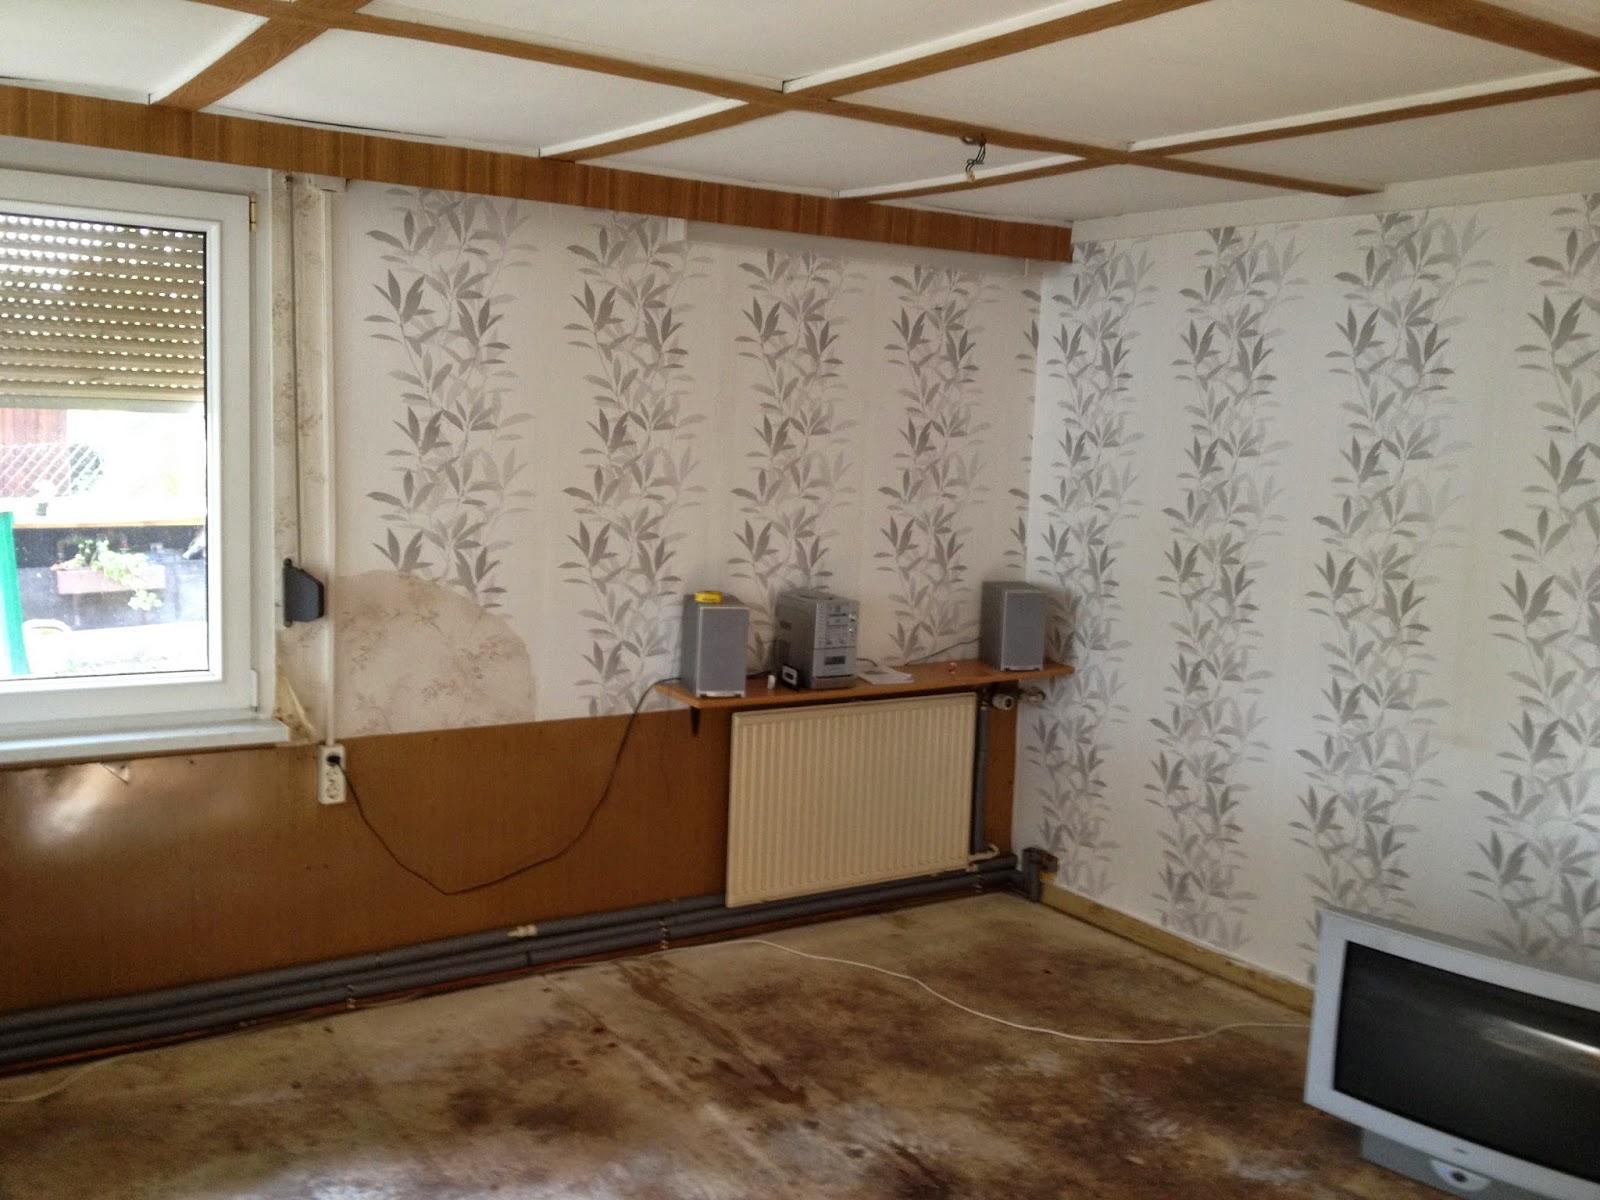 Wohnung streichen und tapezieren kosten 213446 neuesten ideen f r die dekoration ihres hauses - Badezimmer tapezieren oder streichen ...